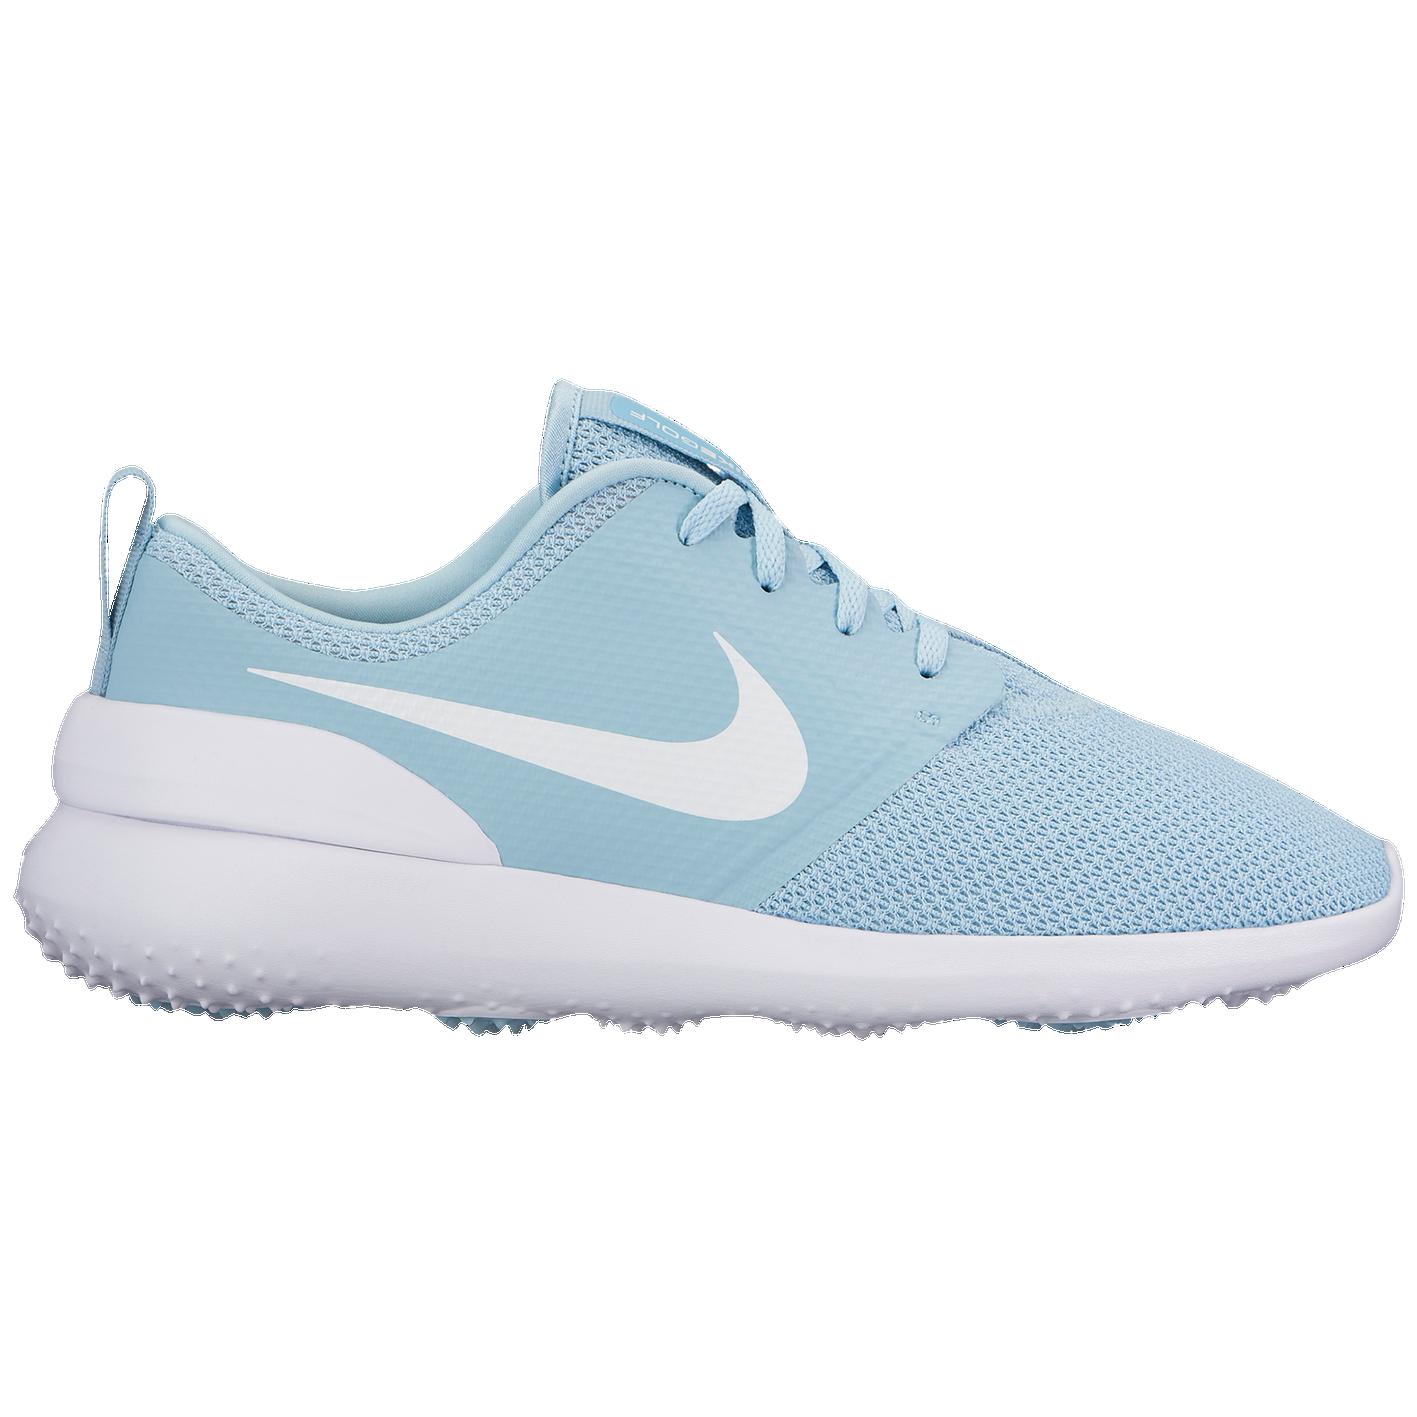 f5d42a347dd1 Nike Roshe G Golf Shoes - Women s - Golf - Shoes - Ocean Bliss White